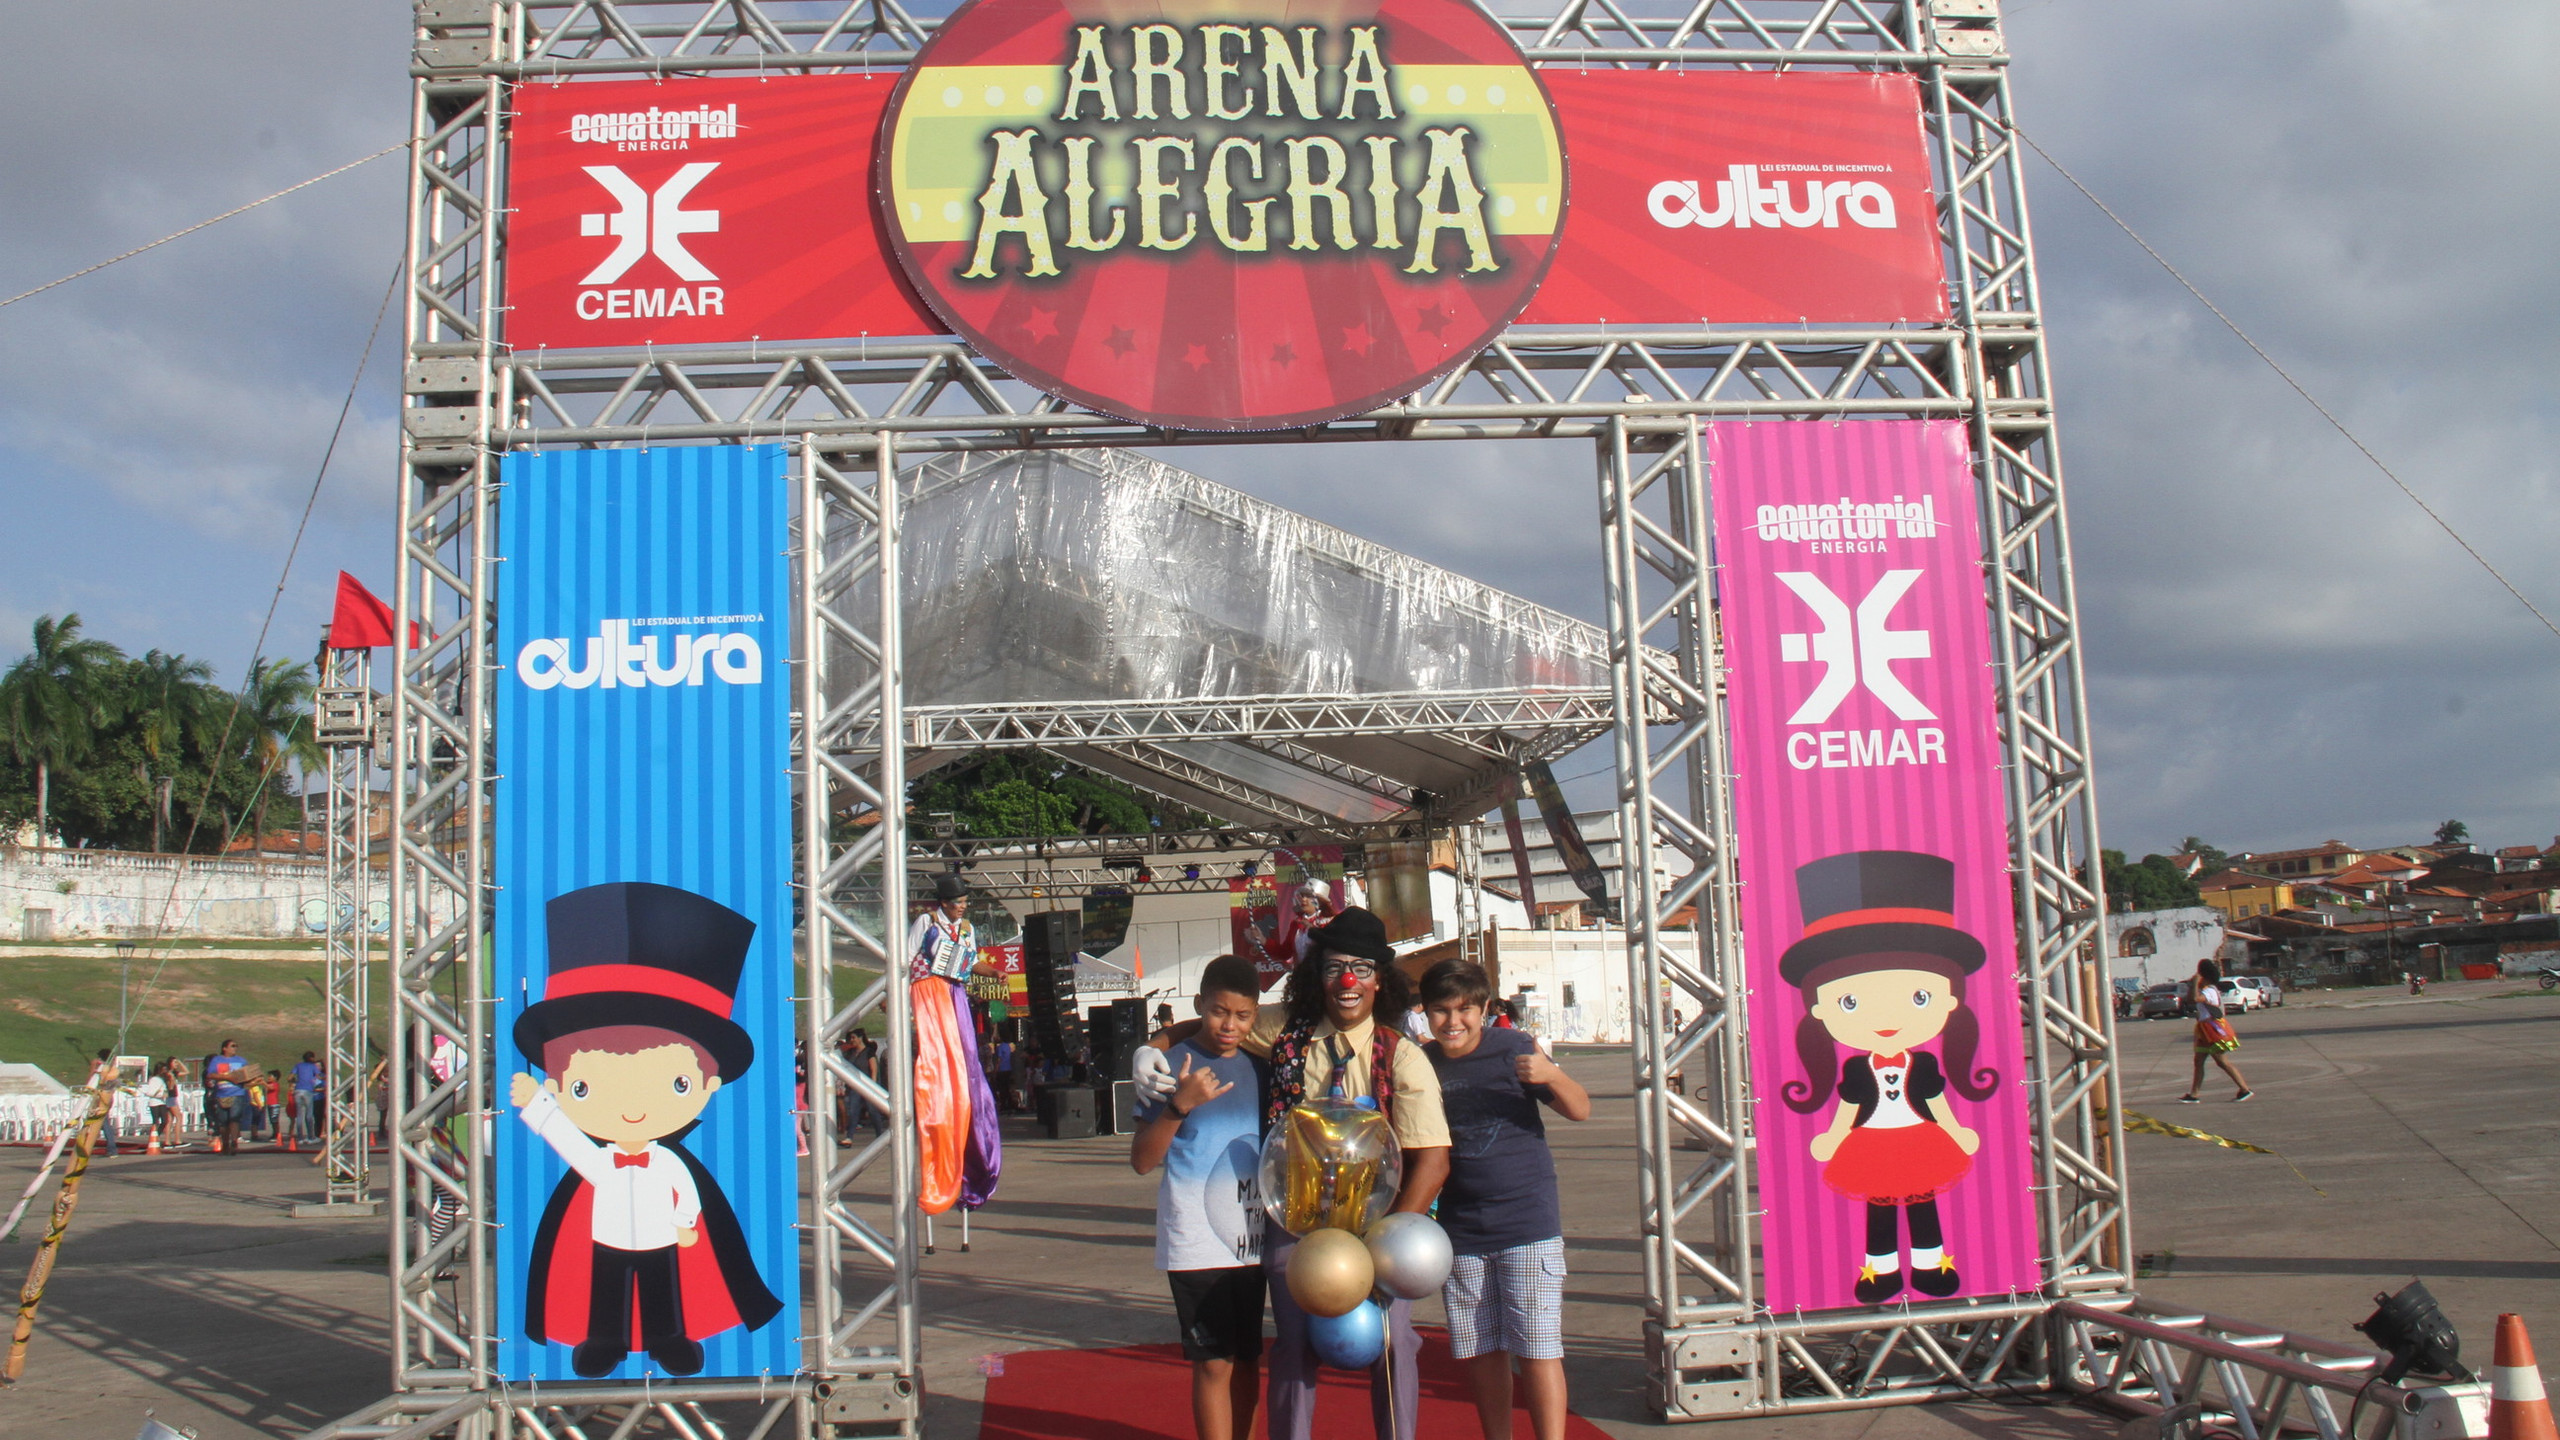 Lazer com muita arte, música e diversão para crianças de todas as idades celebrarem o seu dia (12.10) gratuitamente na Praça Maria Aragão.